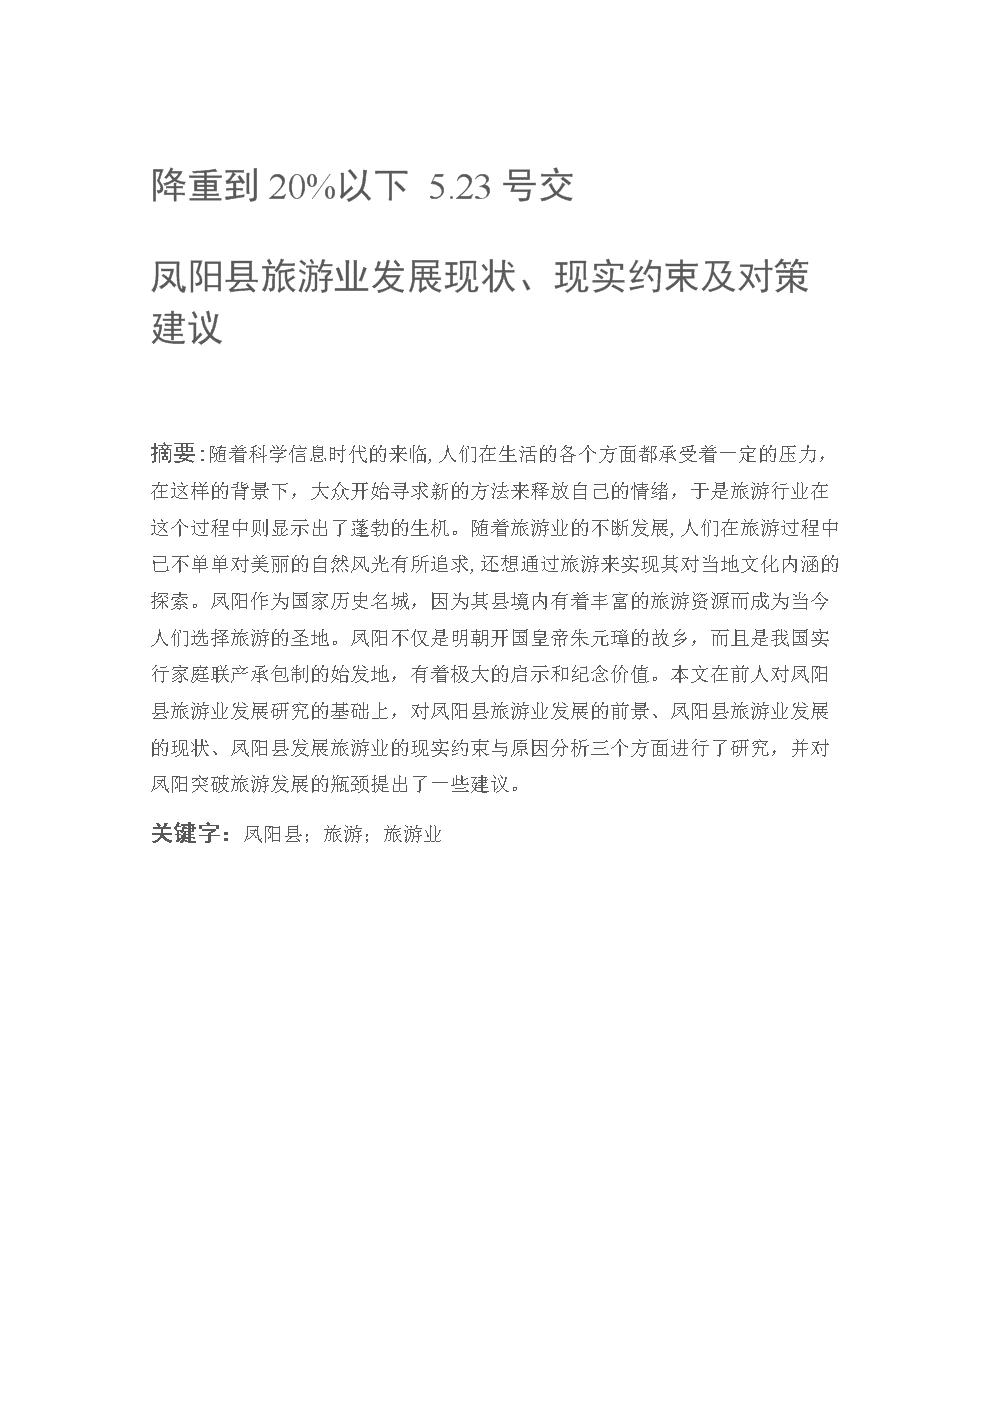 凤阳县旅游业发展现状、现实约束及对策建.docx